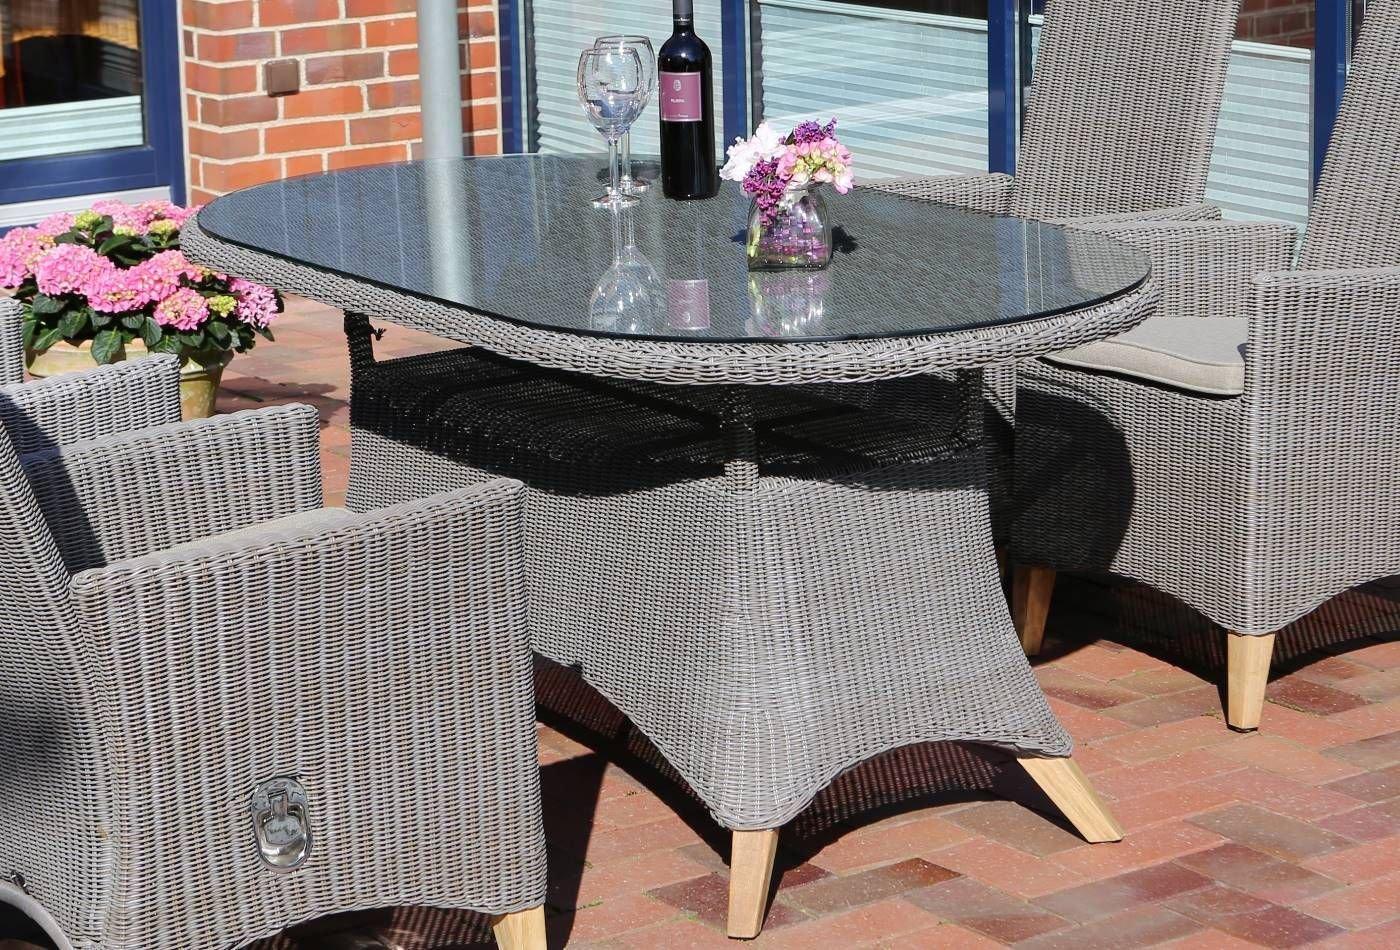 Gartentisch Destiny Harper Island 165x90 Oval Esstisch Polyrattan Geflechttisch